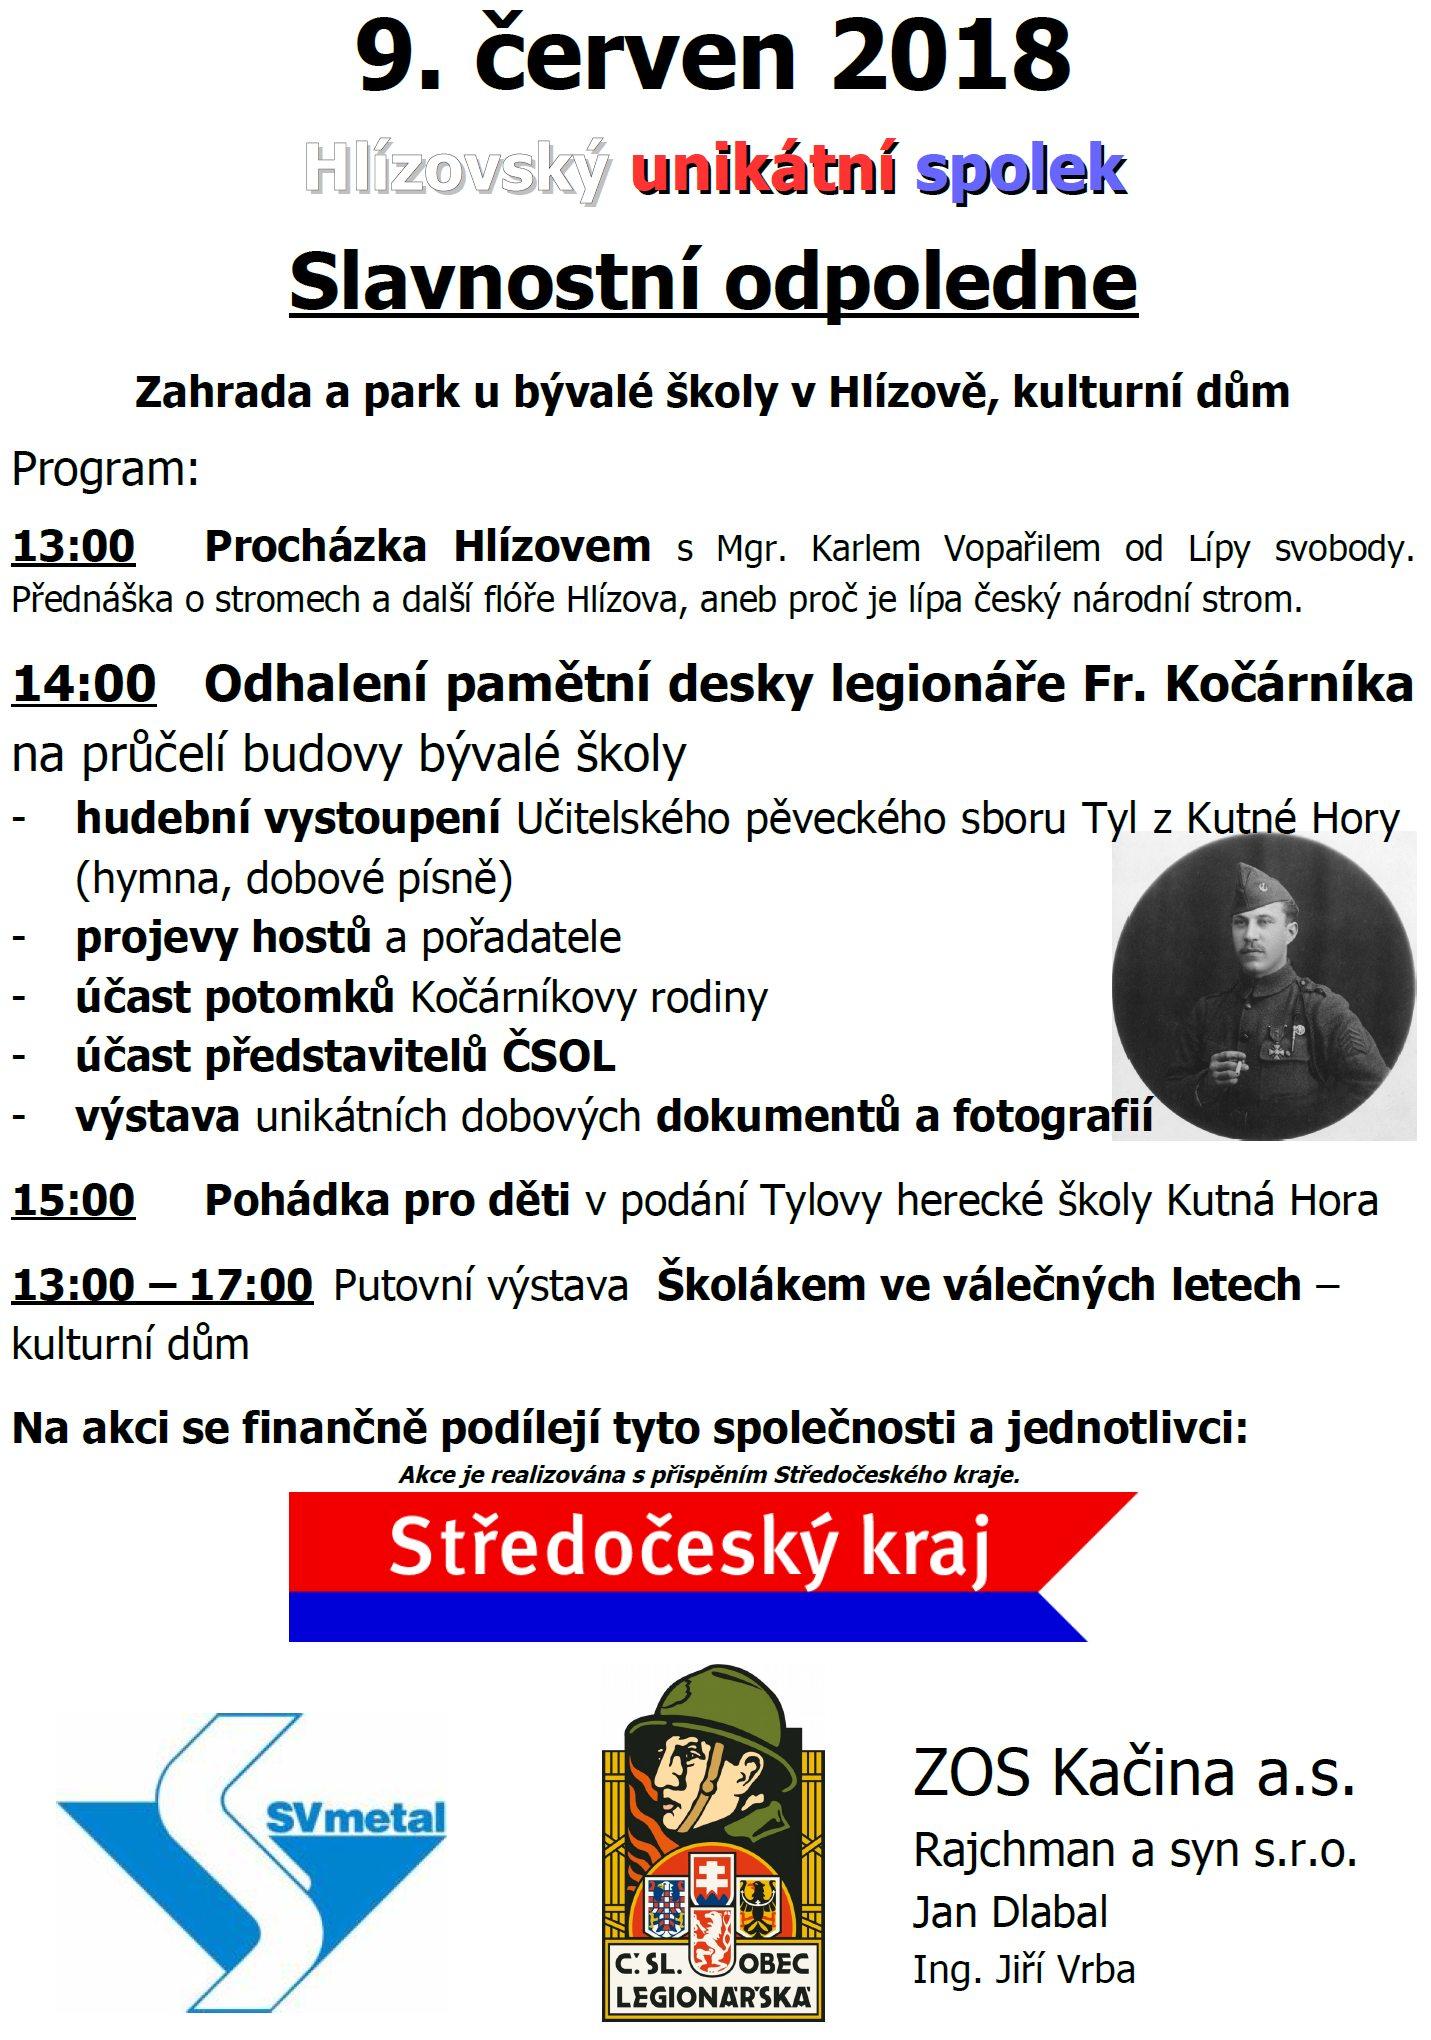 9.6.2018 Hlízov slavnostní odpoledne s odhalením pamětní desky